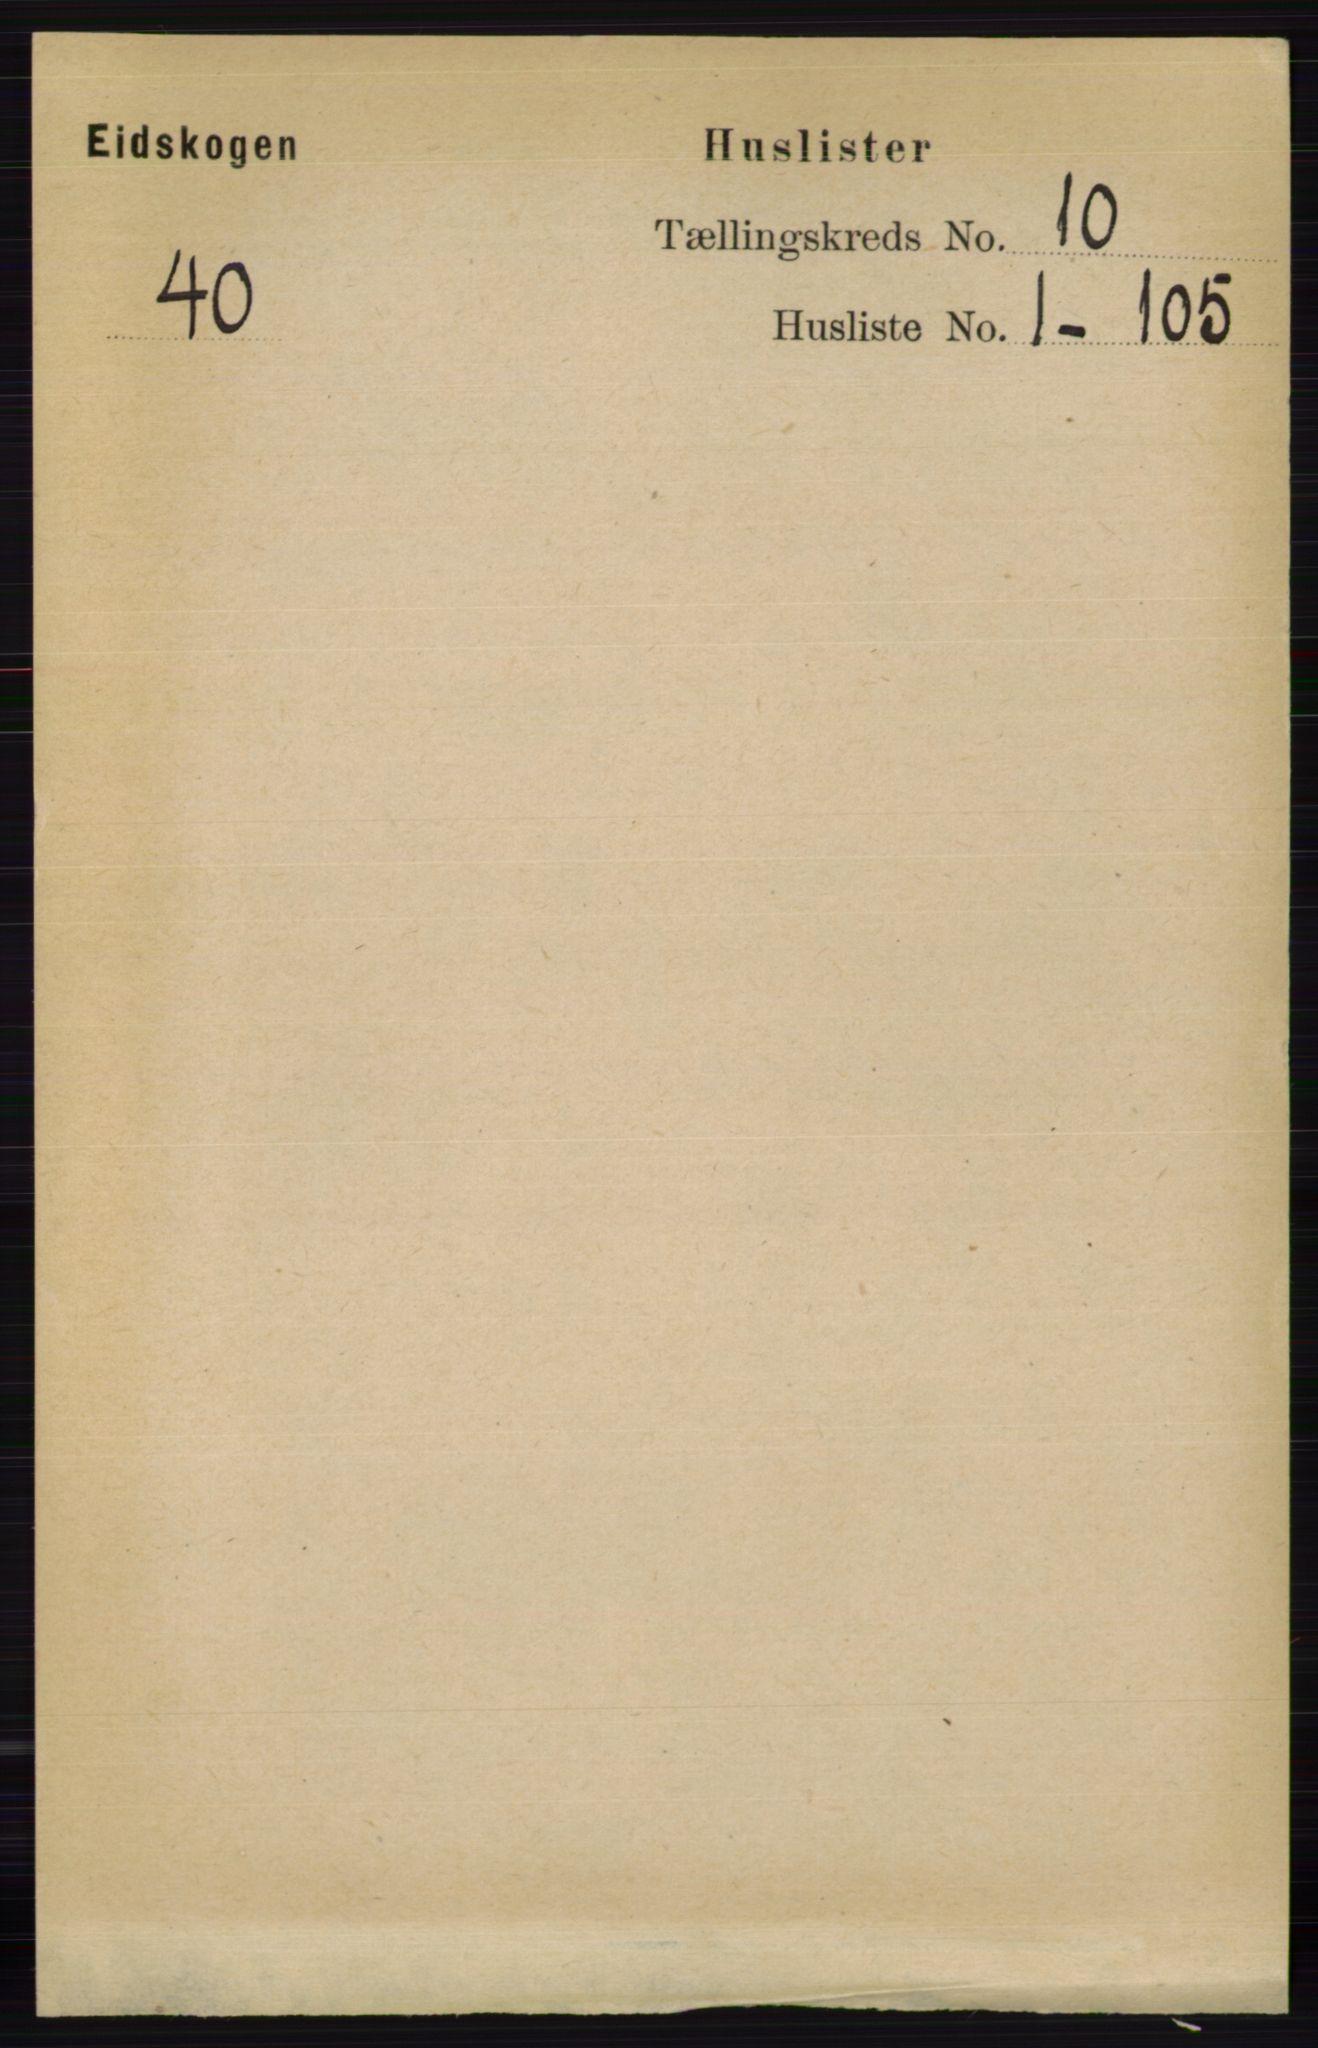 RA, Folketelling 1891 for 0420 Eidskog herred, 1891, s. 6013